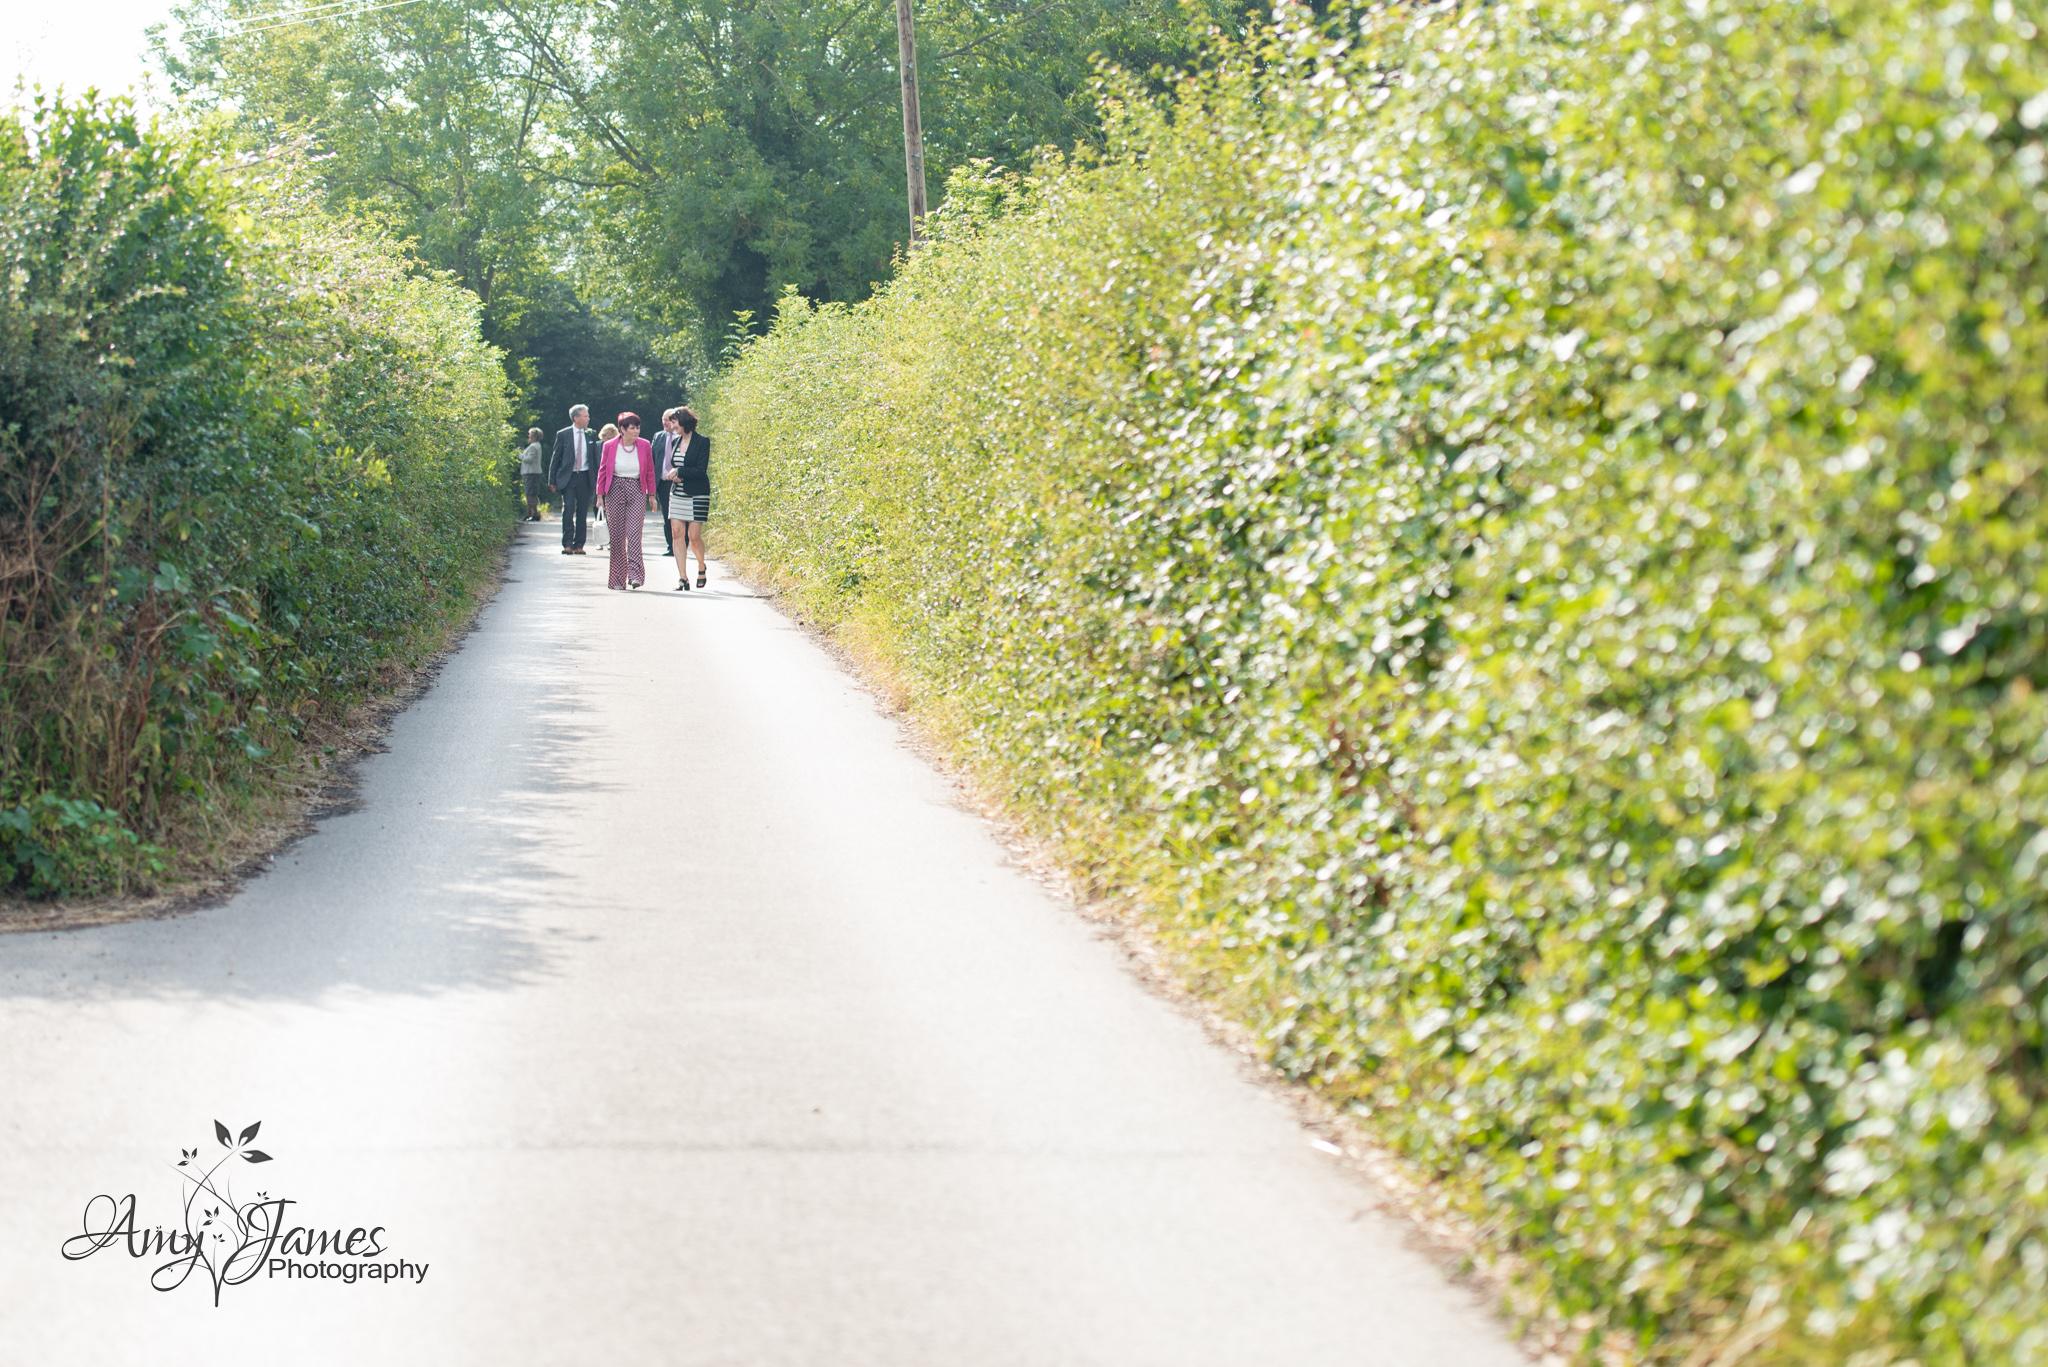 Hampshire wedding photographer / Fleet wedding photographer / countryside wedding / Kent wedding photographer